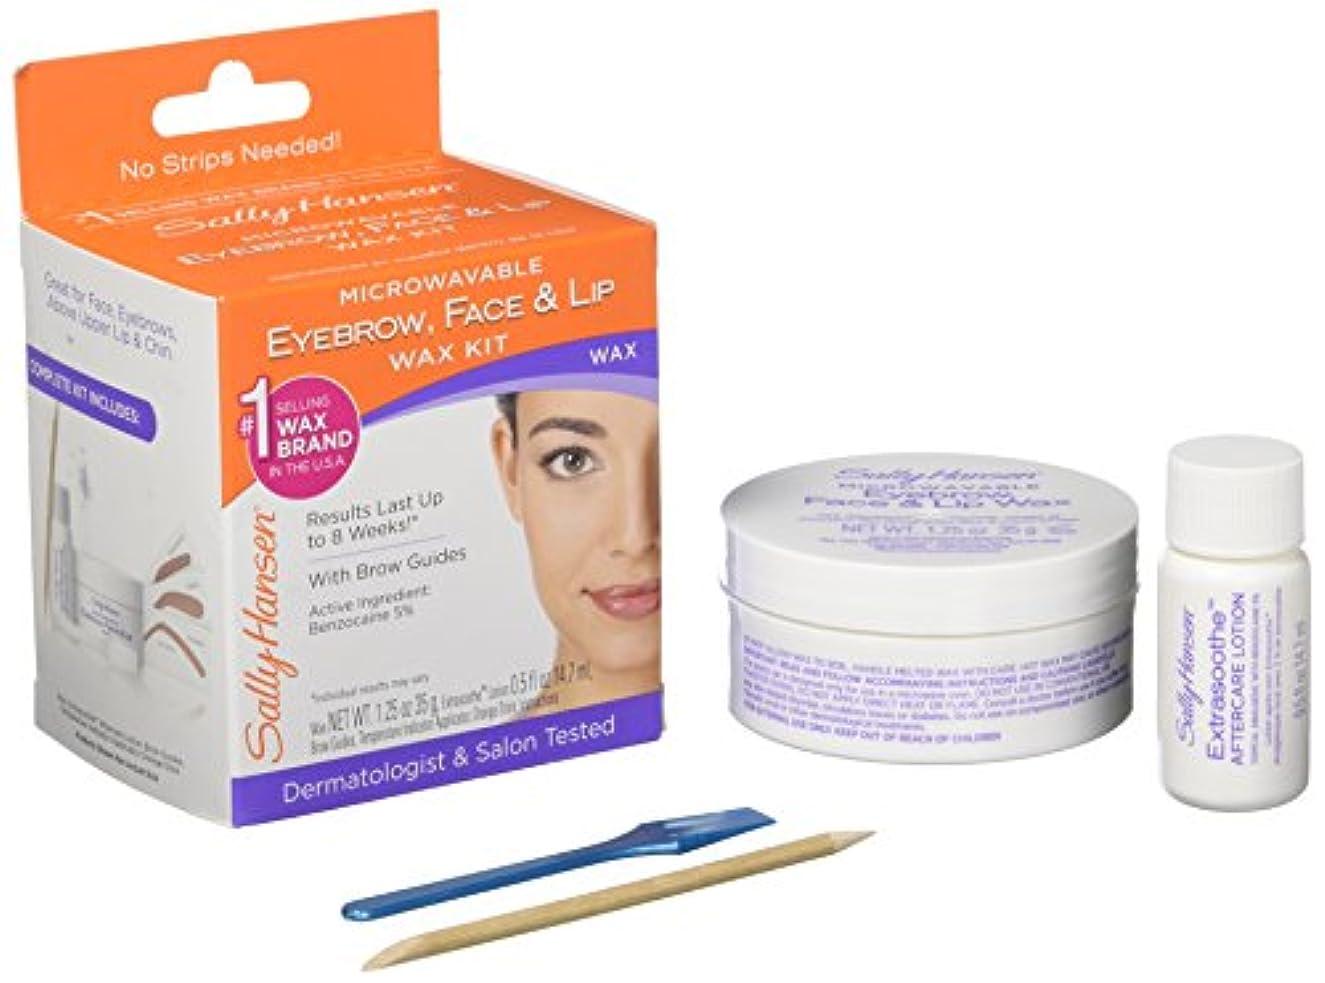 固めるクリエイティブ生活電子レンジで顔用脱毛ワックス (並行輸入品)